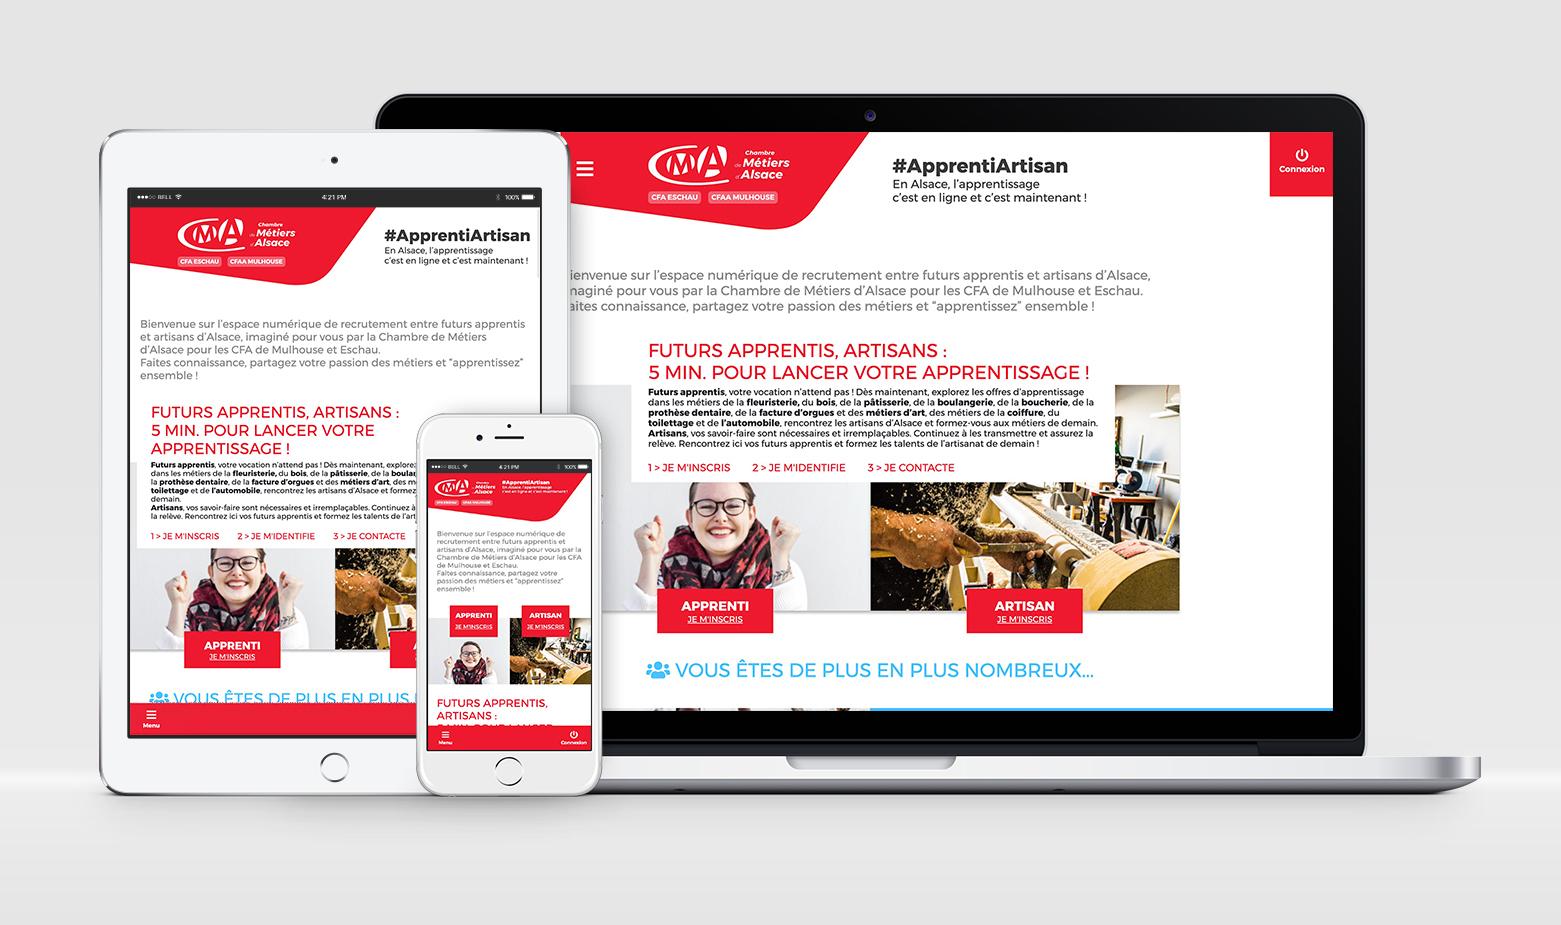 Plateforme de recrutement développée pour la CMA afin de mettre en relation artisans et futurs apprentis